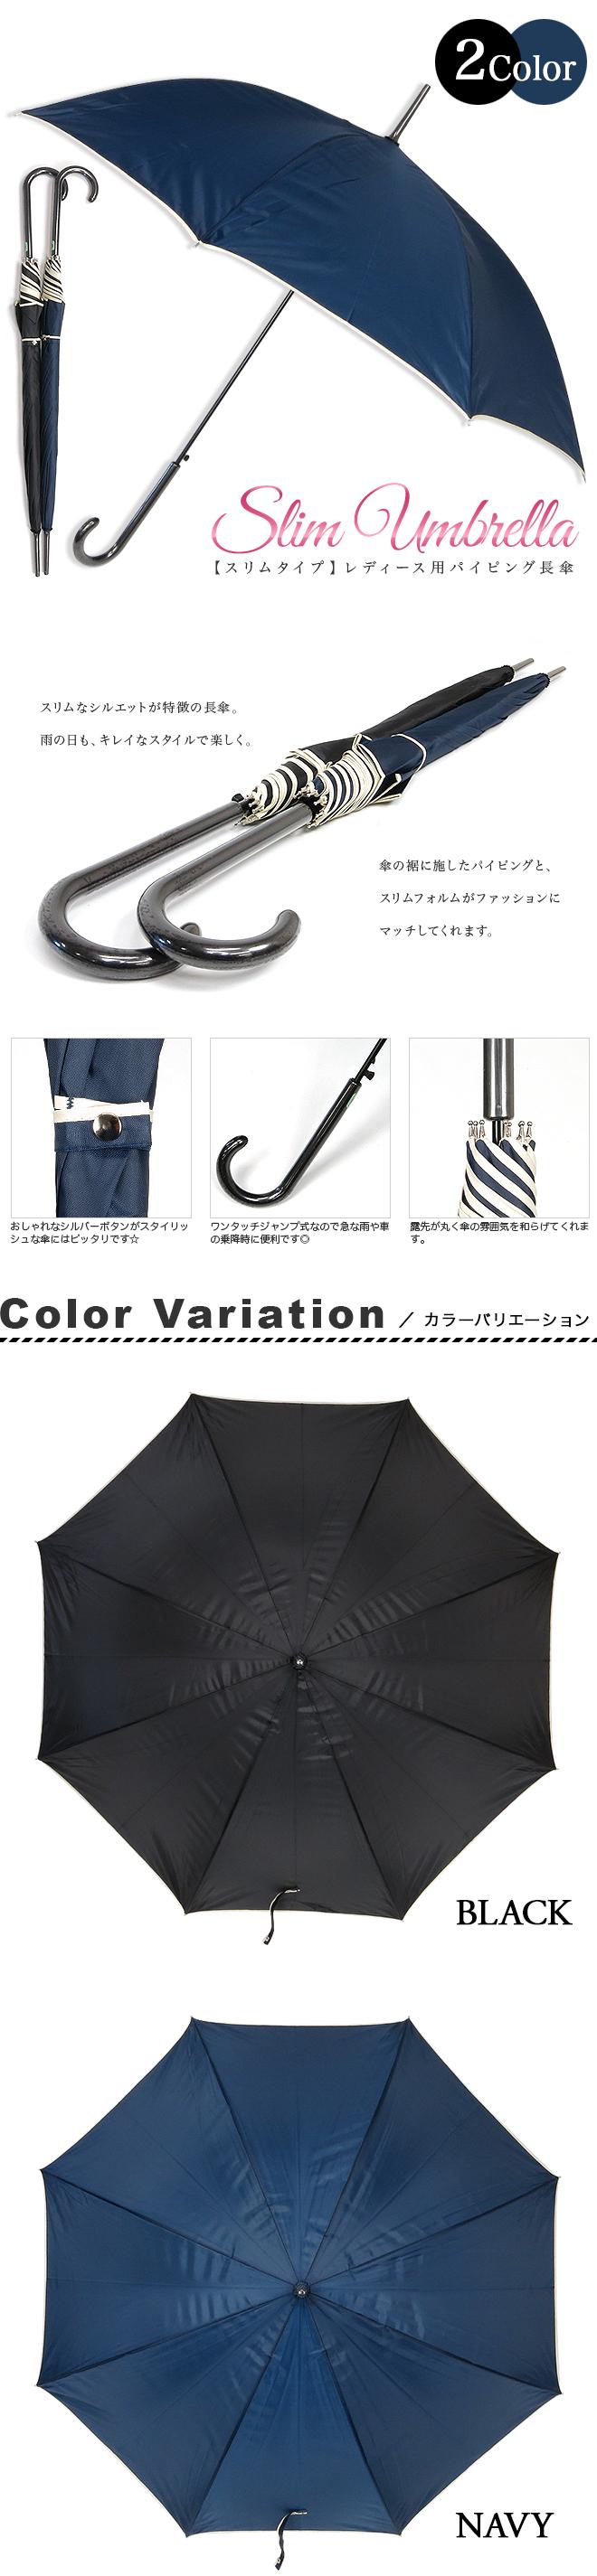 色あわせ傘